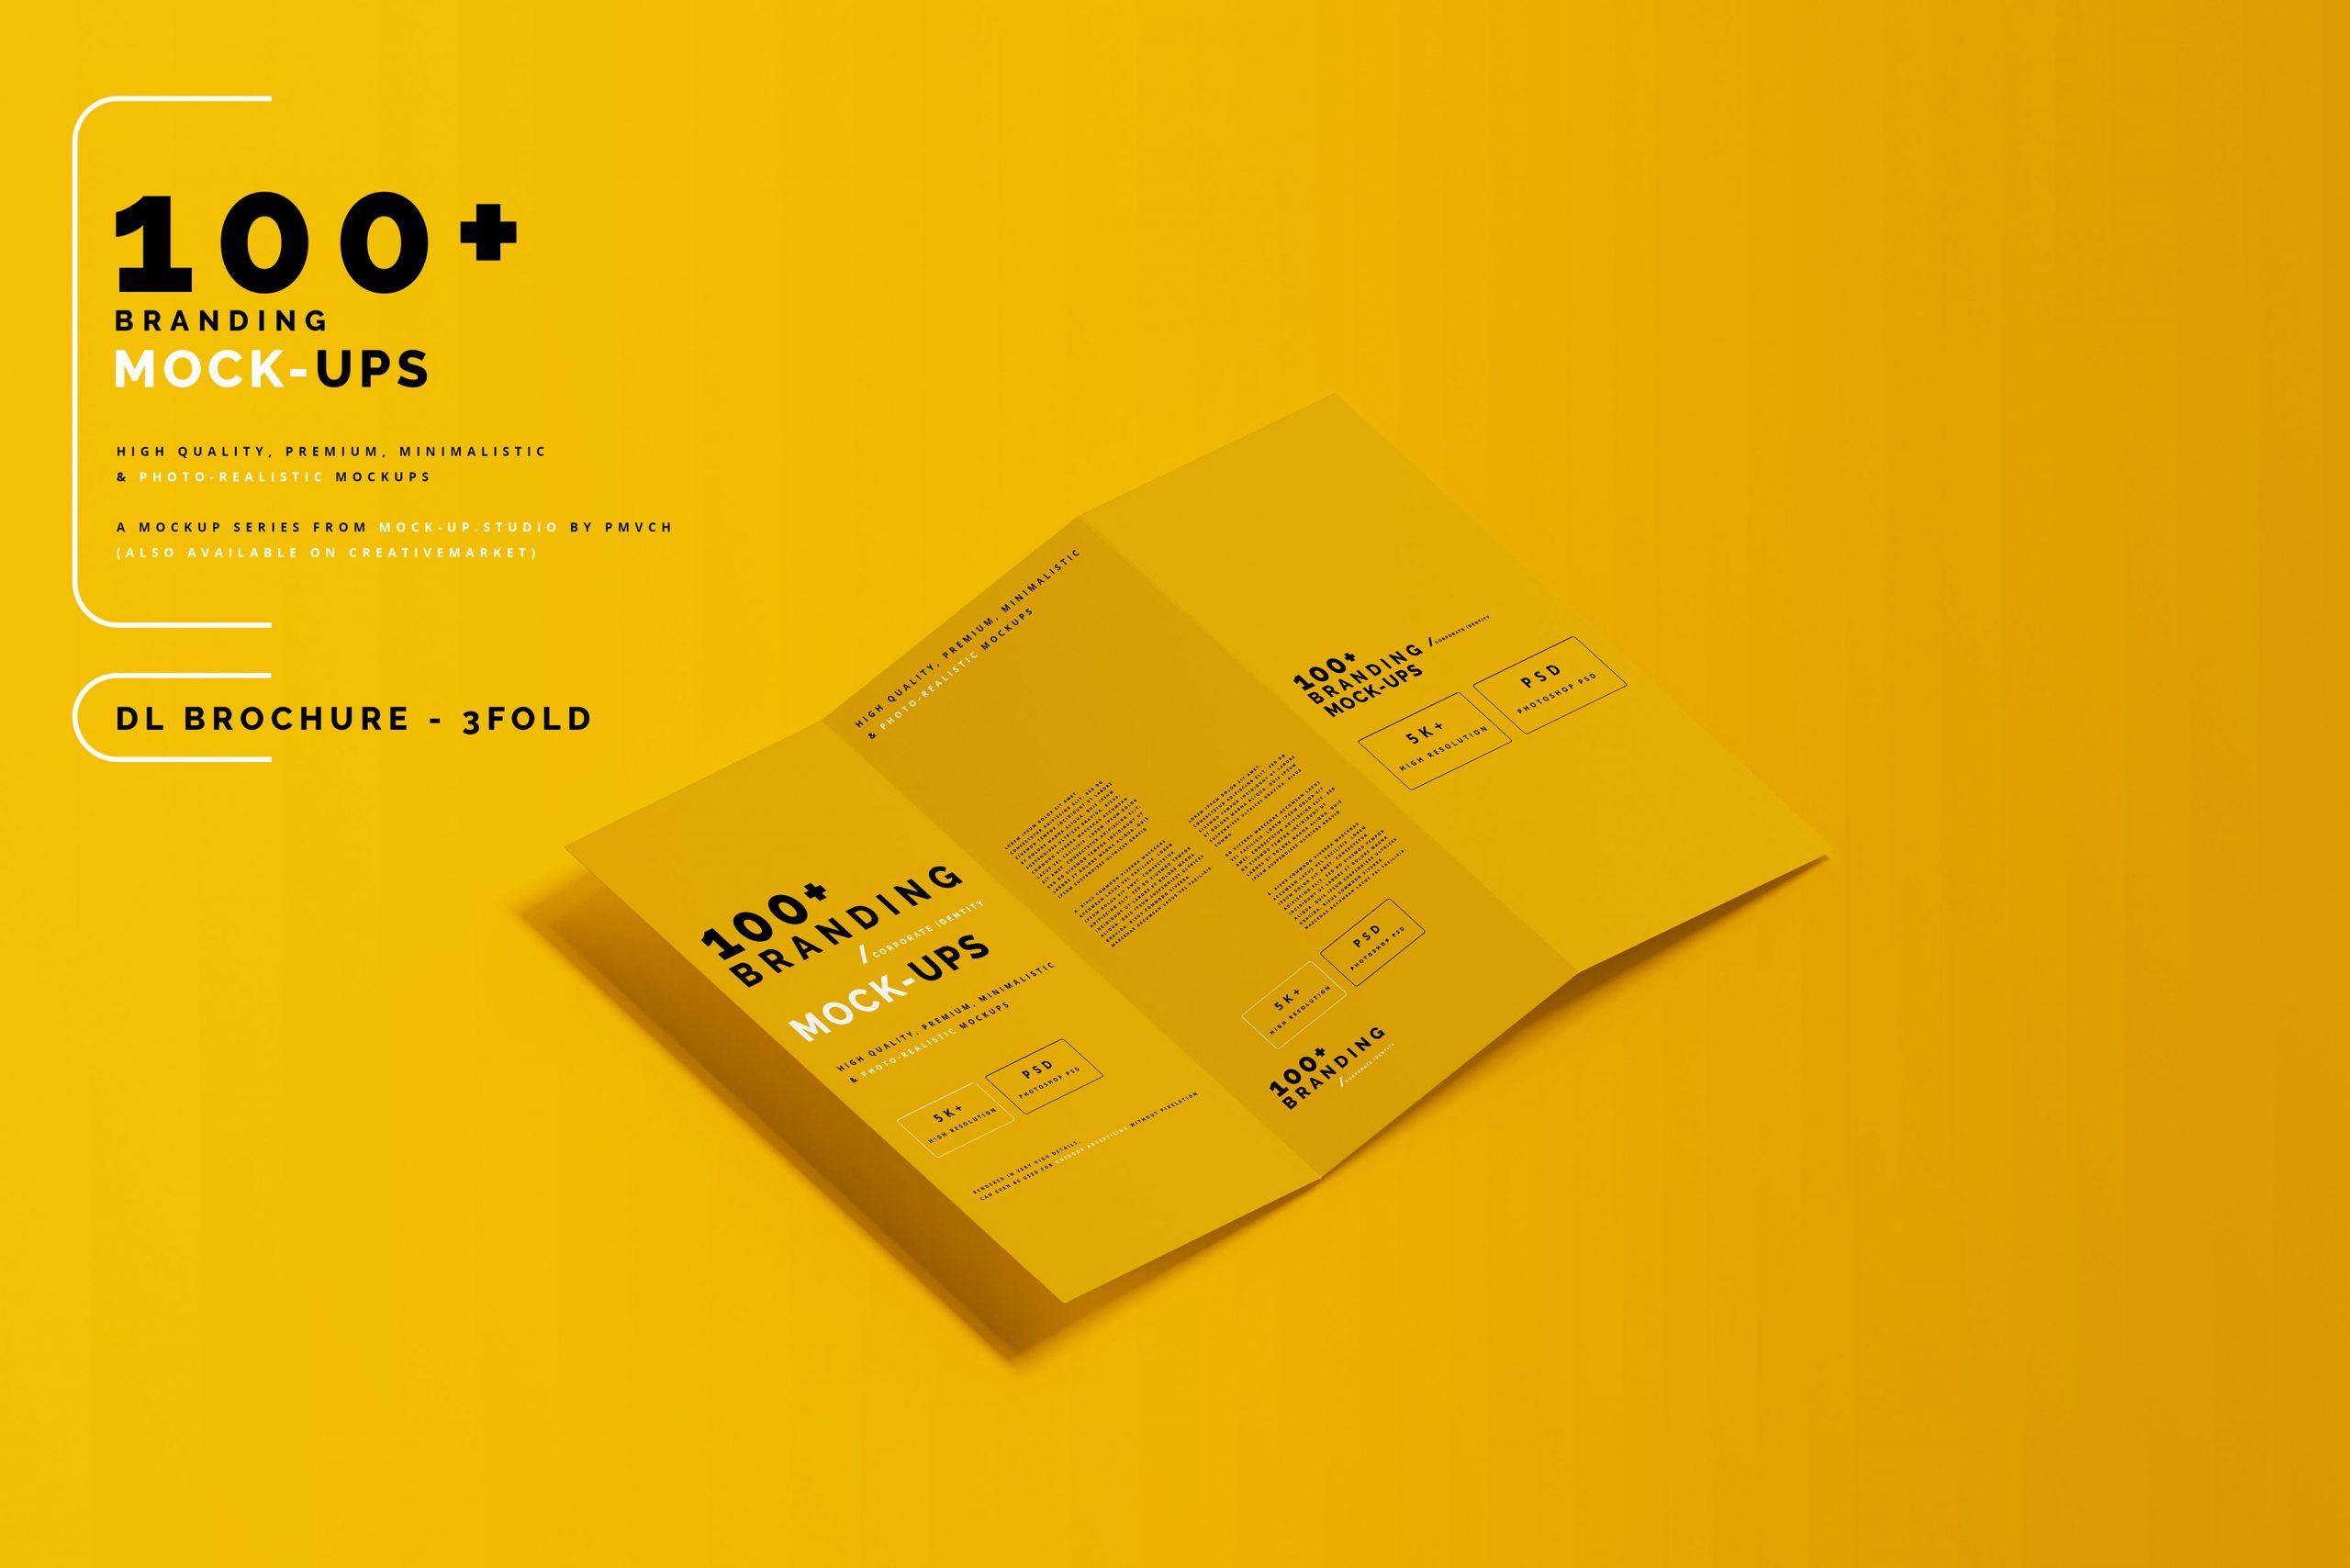 VI样机:100多个宣传册书籍瓶子名片CD封套咖啡杯化妆品海报横幅高分辨率品牌PSD样机(4248)插图(16)